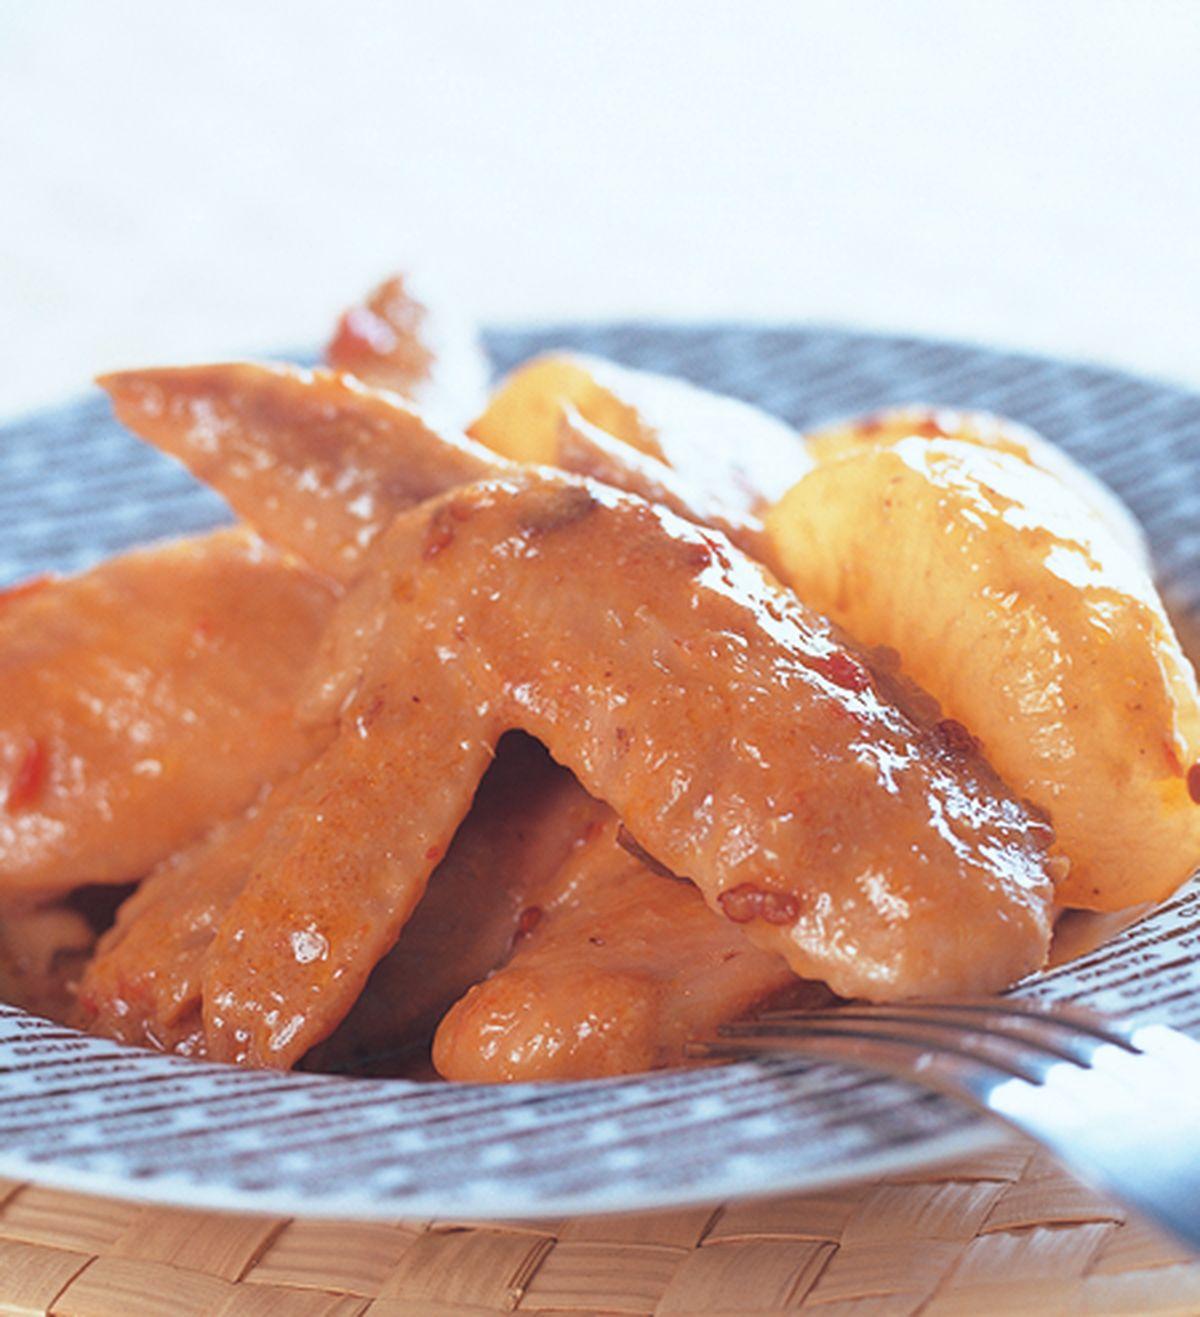 食譜:味噌煮雞翅